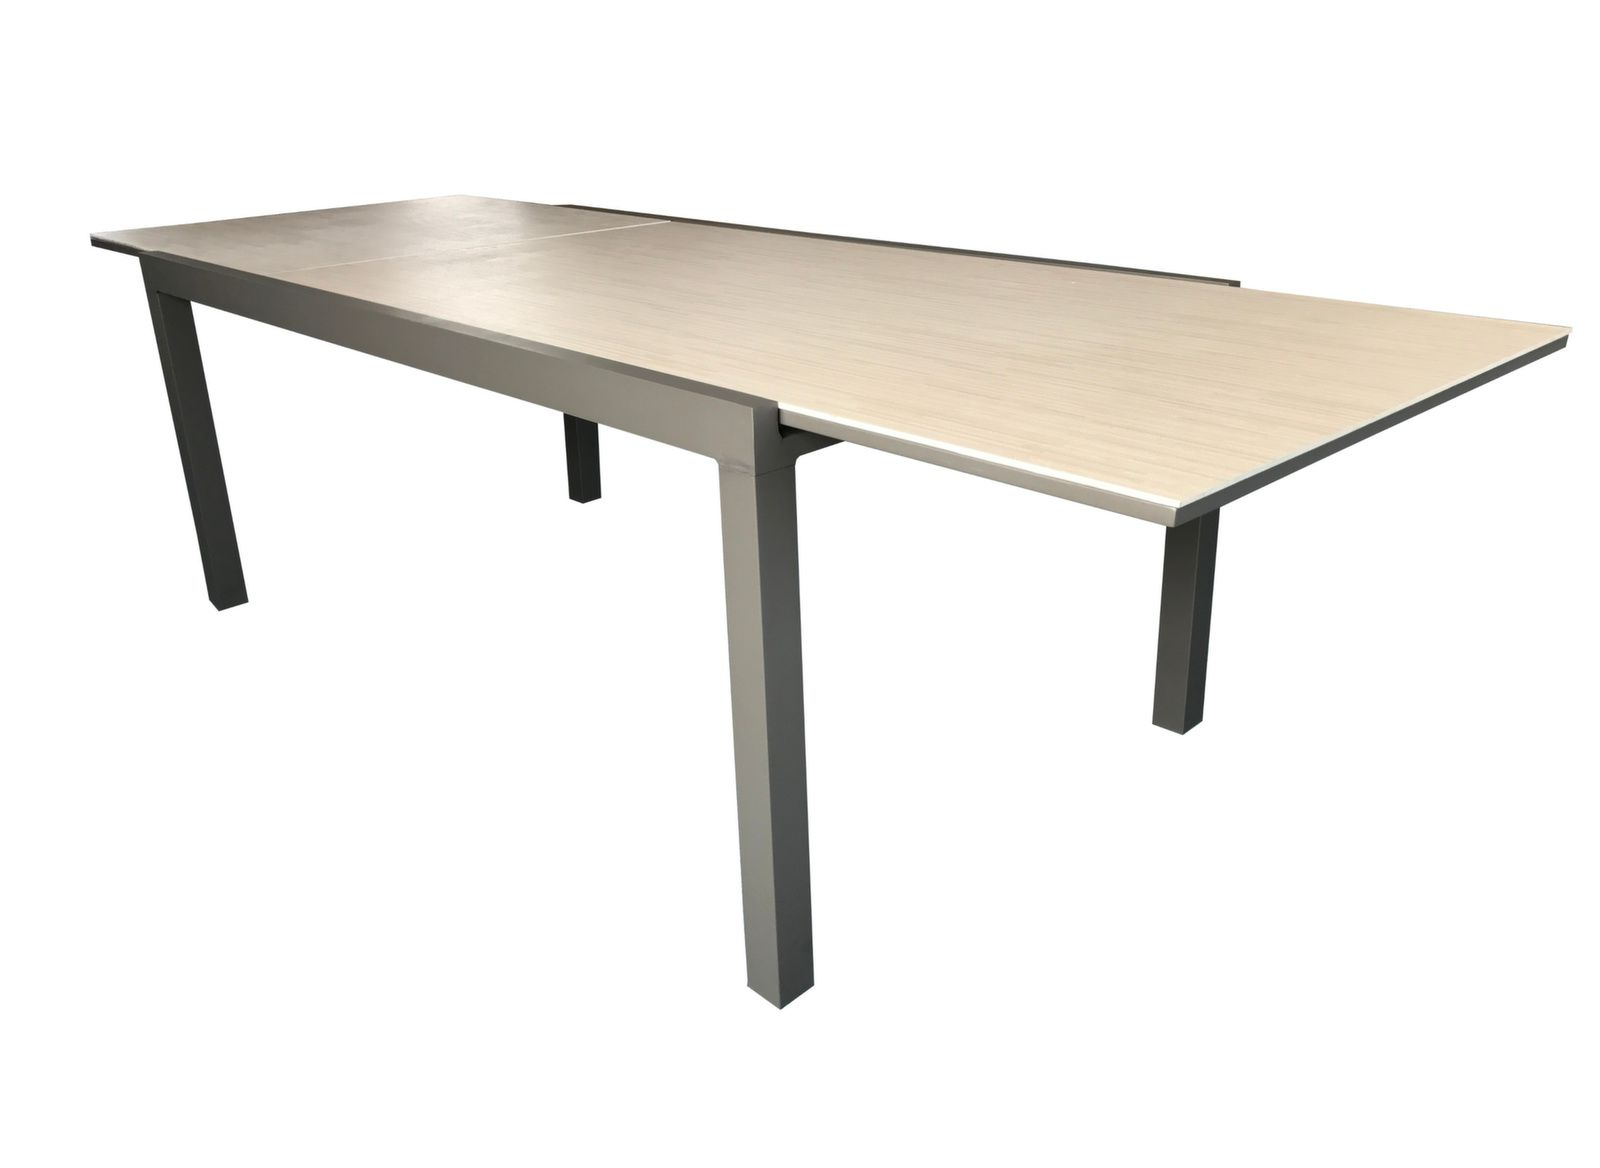 table bavella c ramique 6 chaises duca salons de jardin pour le repas. Black Bedroom Furniture Sets. Home Design Ideas